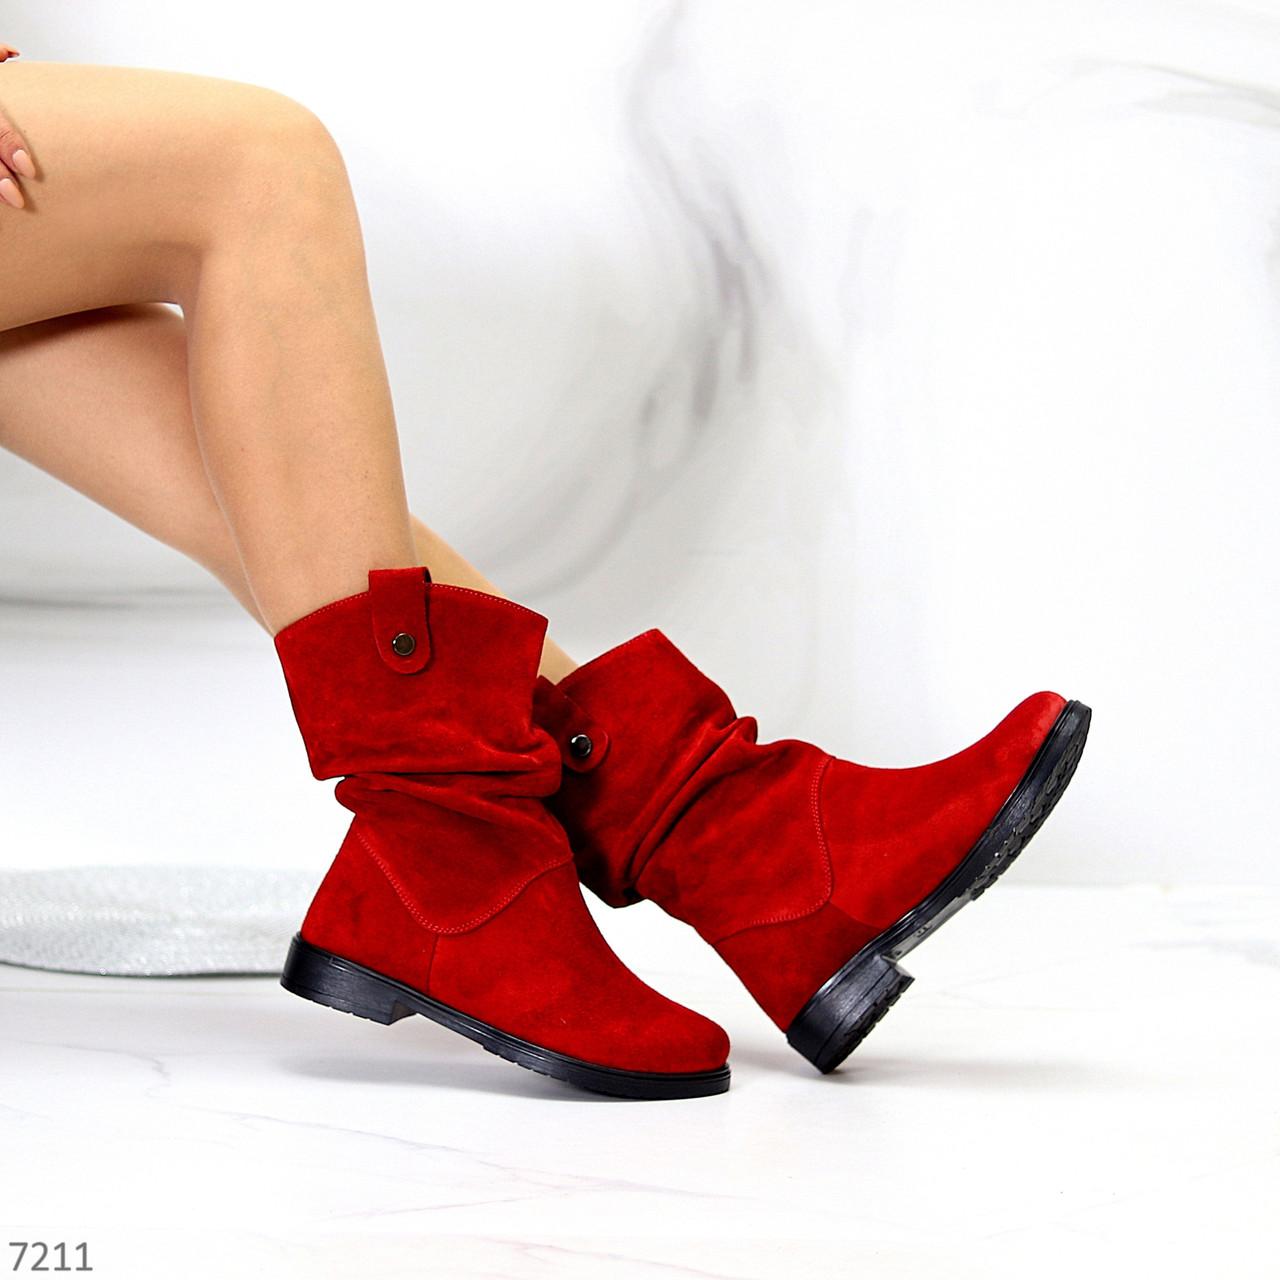 Удобные яркие красные замшевые женские сапоги низкий ход натуральная замша